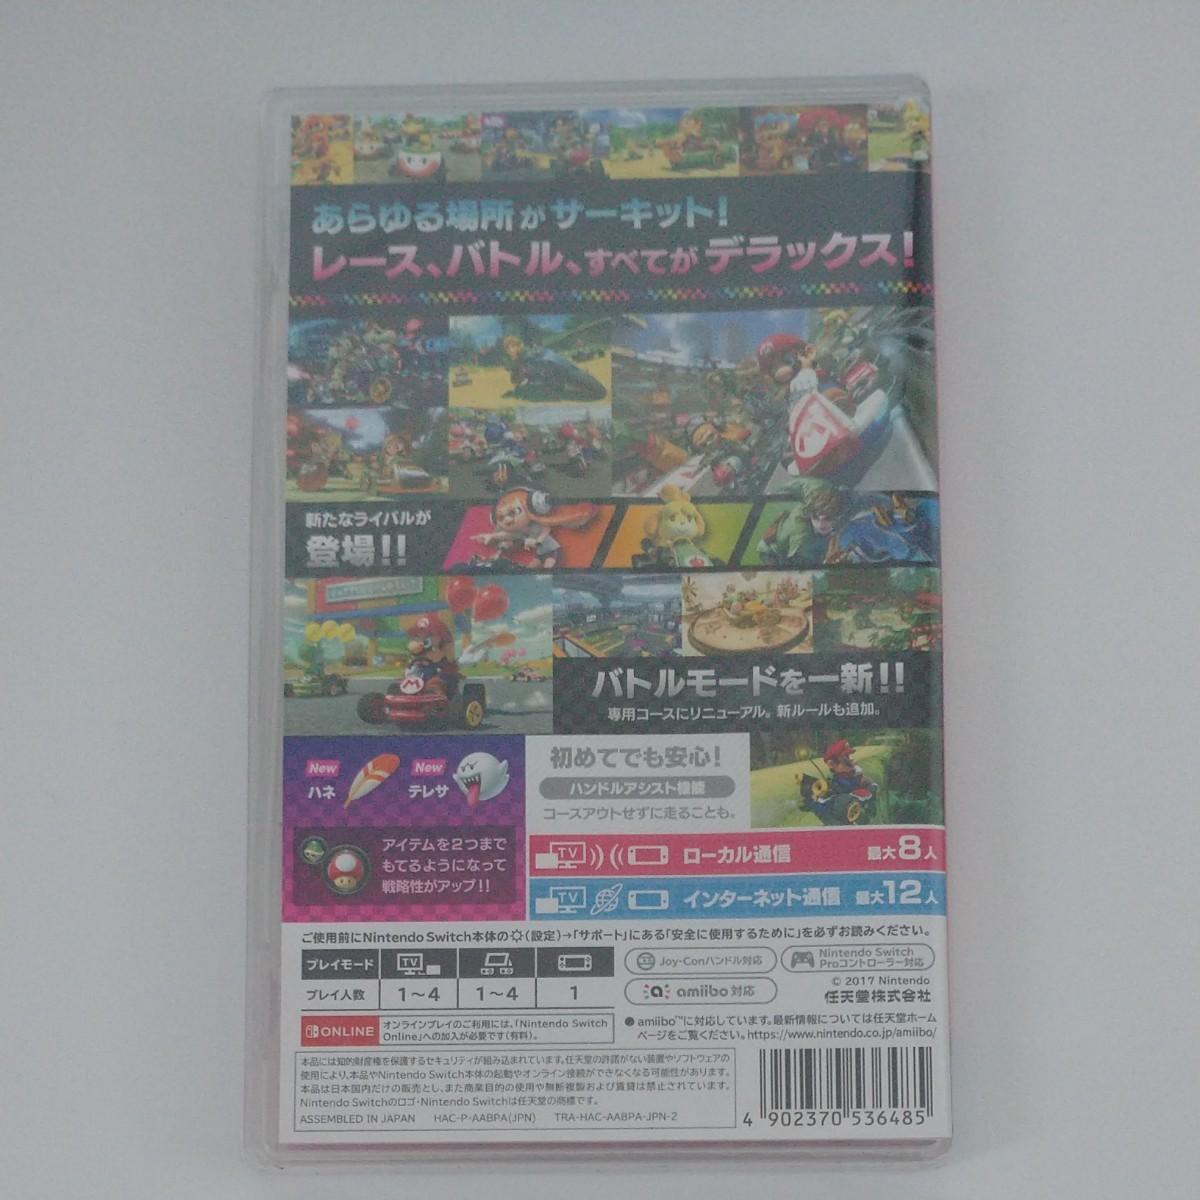 【Switch】 マリオカート8 デラックス 新品 未開封 ニンテンドースイッチソフト Switchソフト Switch